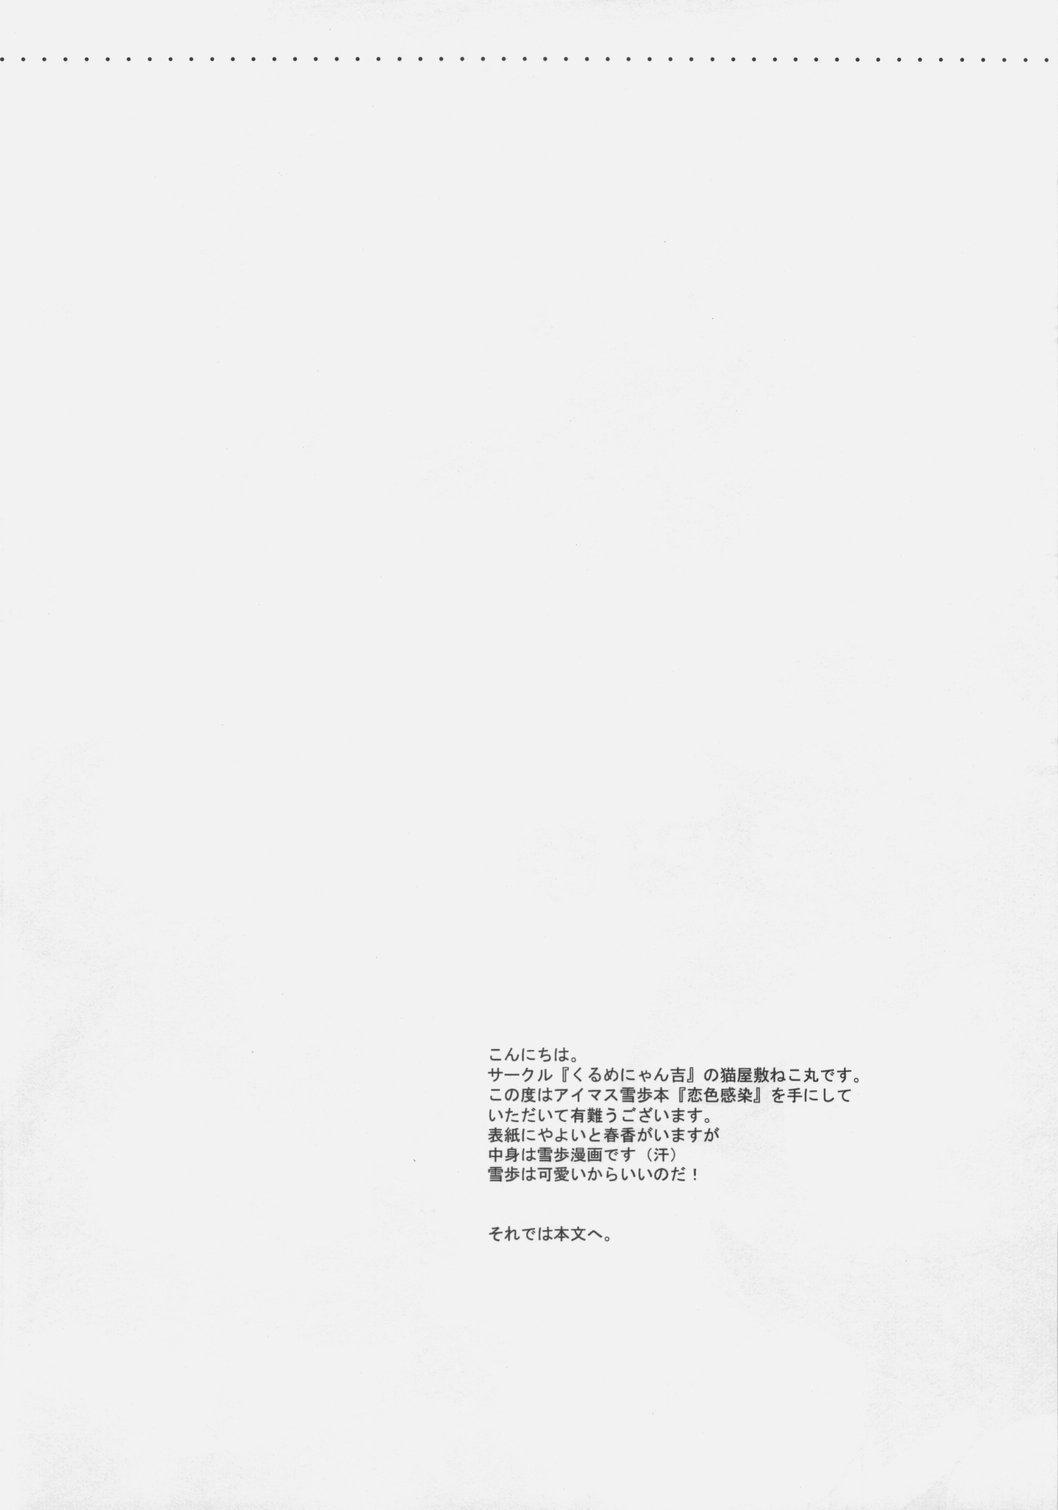 Koiiro Kansen 2